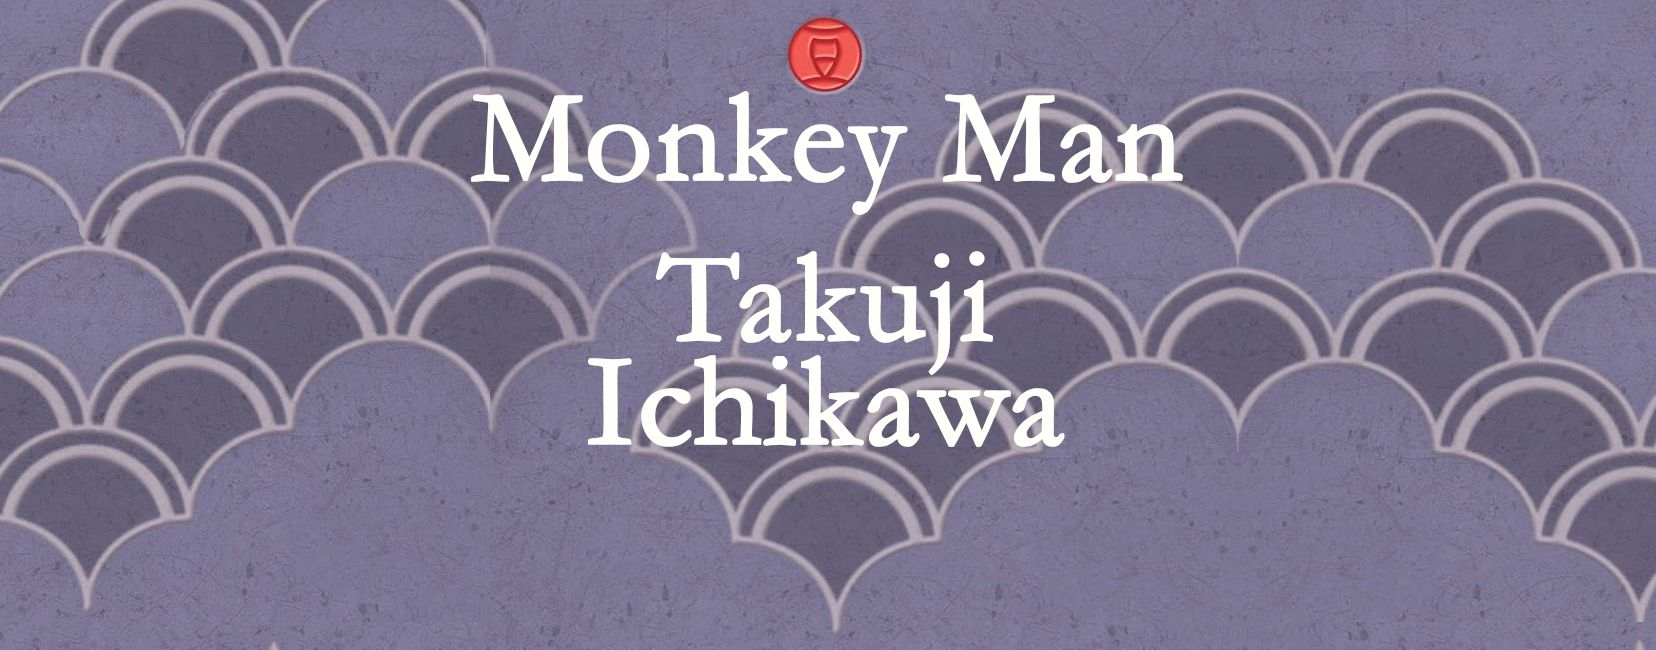 Monkey Man by Takuji Ichikawa translated by Lisa and Daniel Lilley